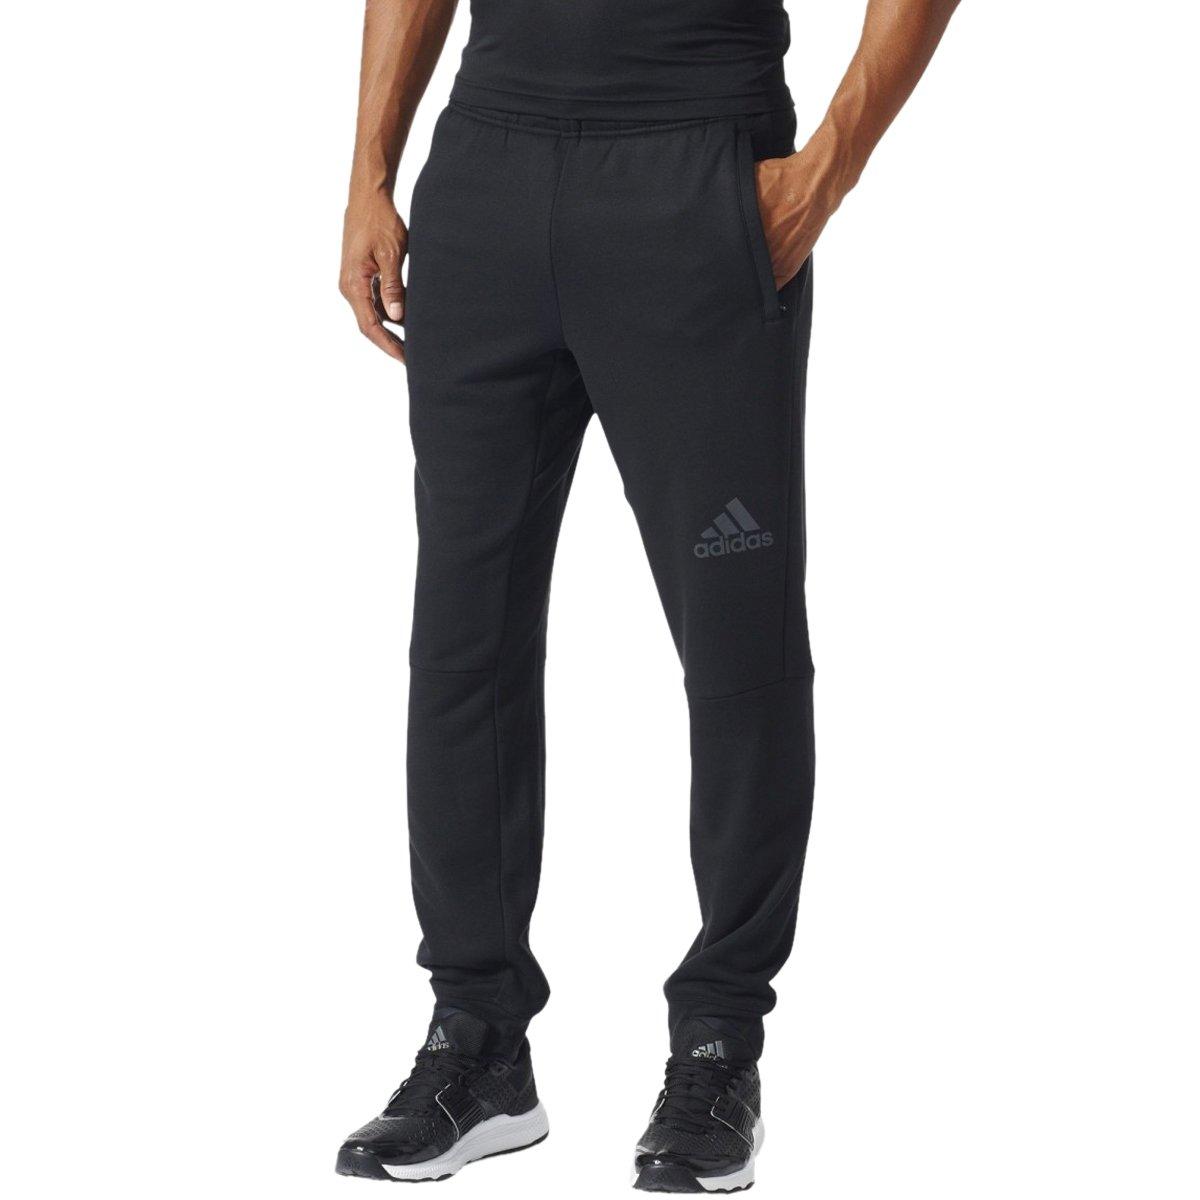 Bizz Store - Calça Masculina Adidas Workout Moletom Preto 65aefed3125